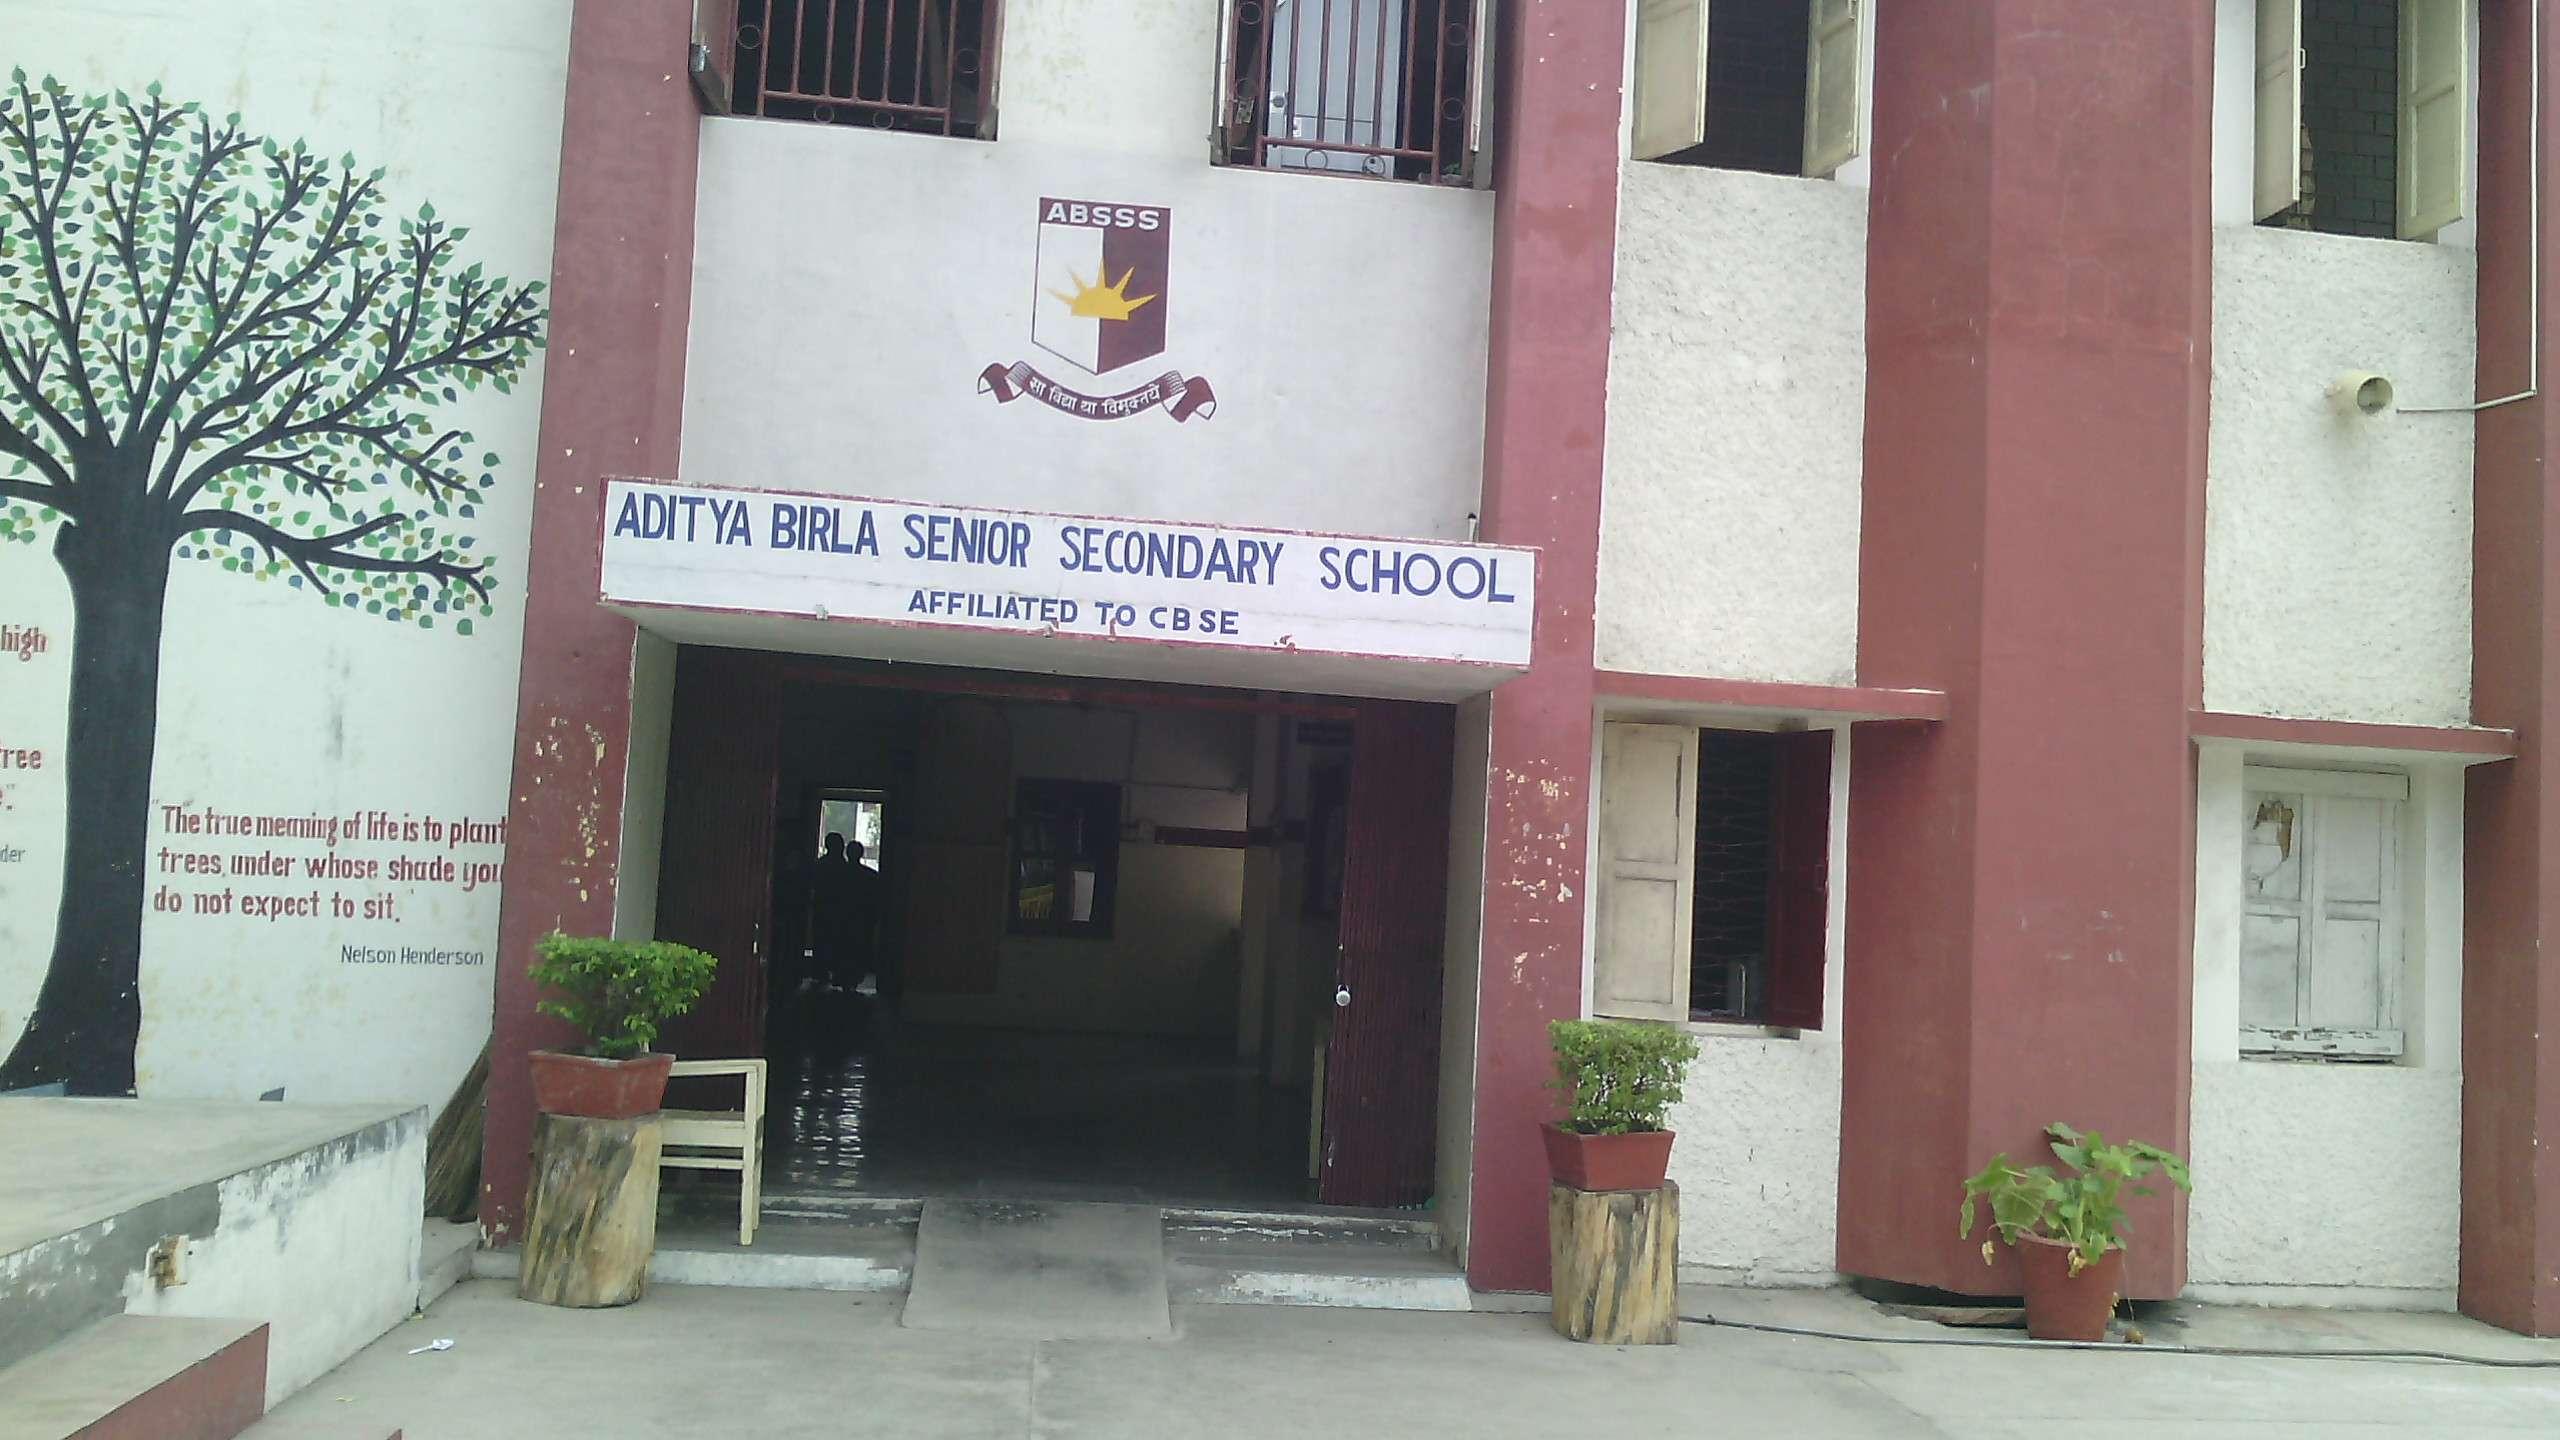 ADITIYA BIRLA SENIOR SECONDARY SCHOOL NEAR PETROL PUMP BIRLAGRAM NAGDA MADHYA PRADESH 1030129